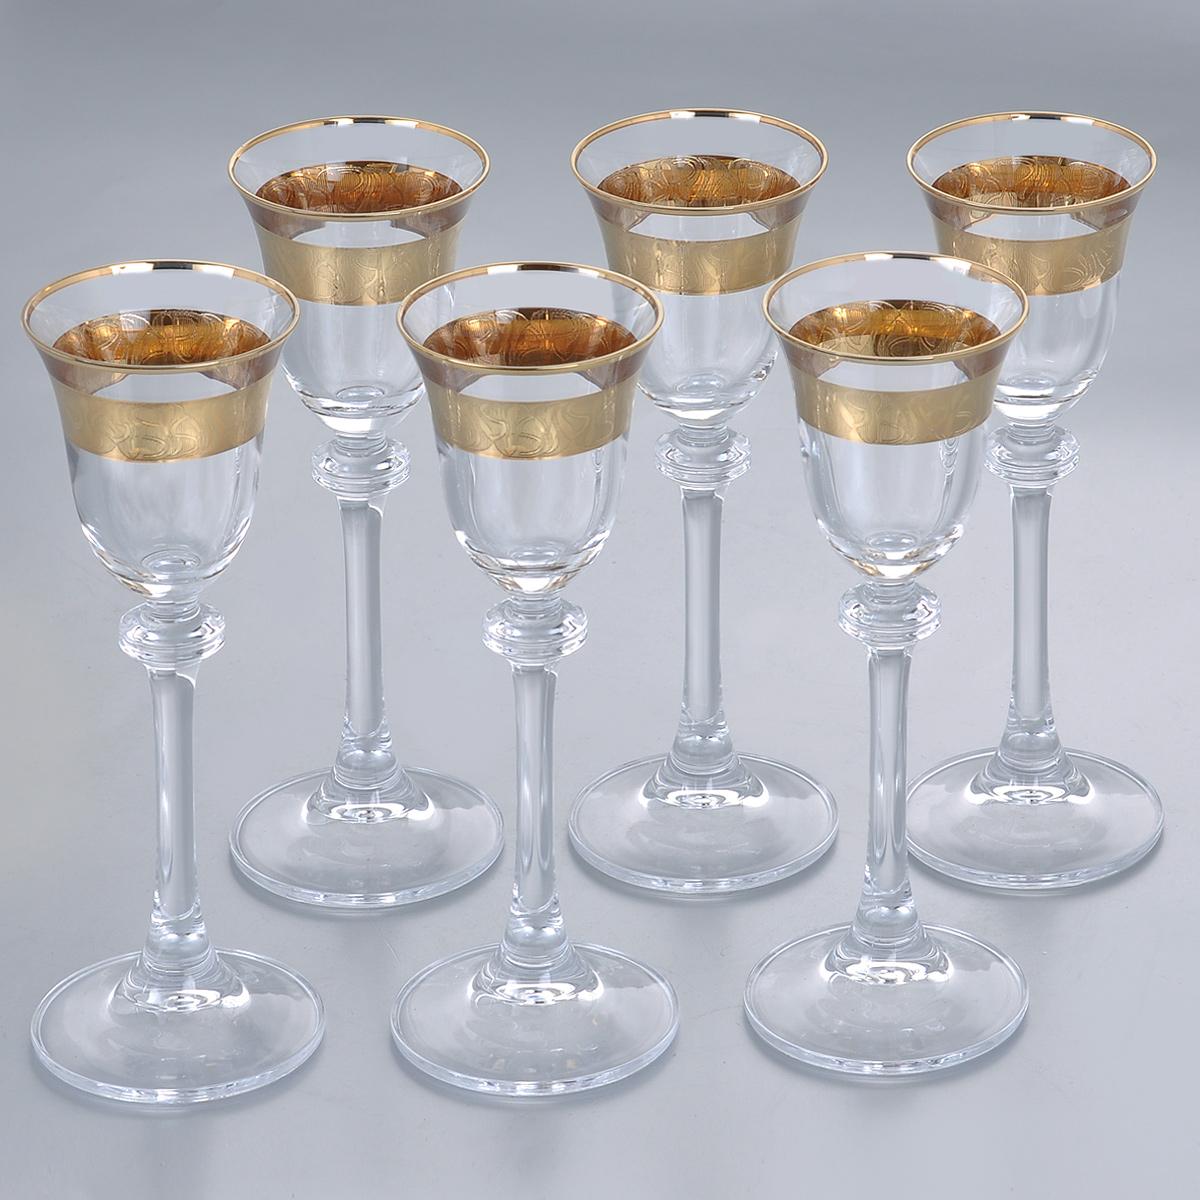 Набор рюмок для ликера Crystalite Bohemia Александра, 60 мл, 6 шт1SD70/60/436532KНабор Crystalite Bohemia Александра состоит из шести рюмок, выполненных из прочного высококачественного прозрачного стекла. Изящные рюмки на высоких ножках, декорированные золотистым орнаментом и окантовкой, прекрасно подойдут для подачи ликера. Они излучают приятный блеск и издают мелодичный звон. Рюмкисочетают в себе элегантный дизайн и функциональность. Благодаря такому набору пить напитки будет еще вкуснее.Набор рюмок Crystalite Bohemia Александра прекрасно оформит праздничный стол и создаст приятную атмосферу за романтическим ужином. Такой набор также станет хорошим подарком к любому случаю. Не использовать в посудомоечной машине и микроволновой печи.